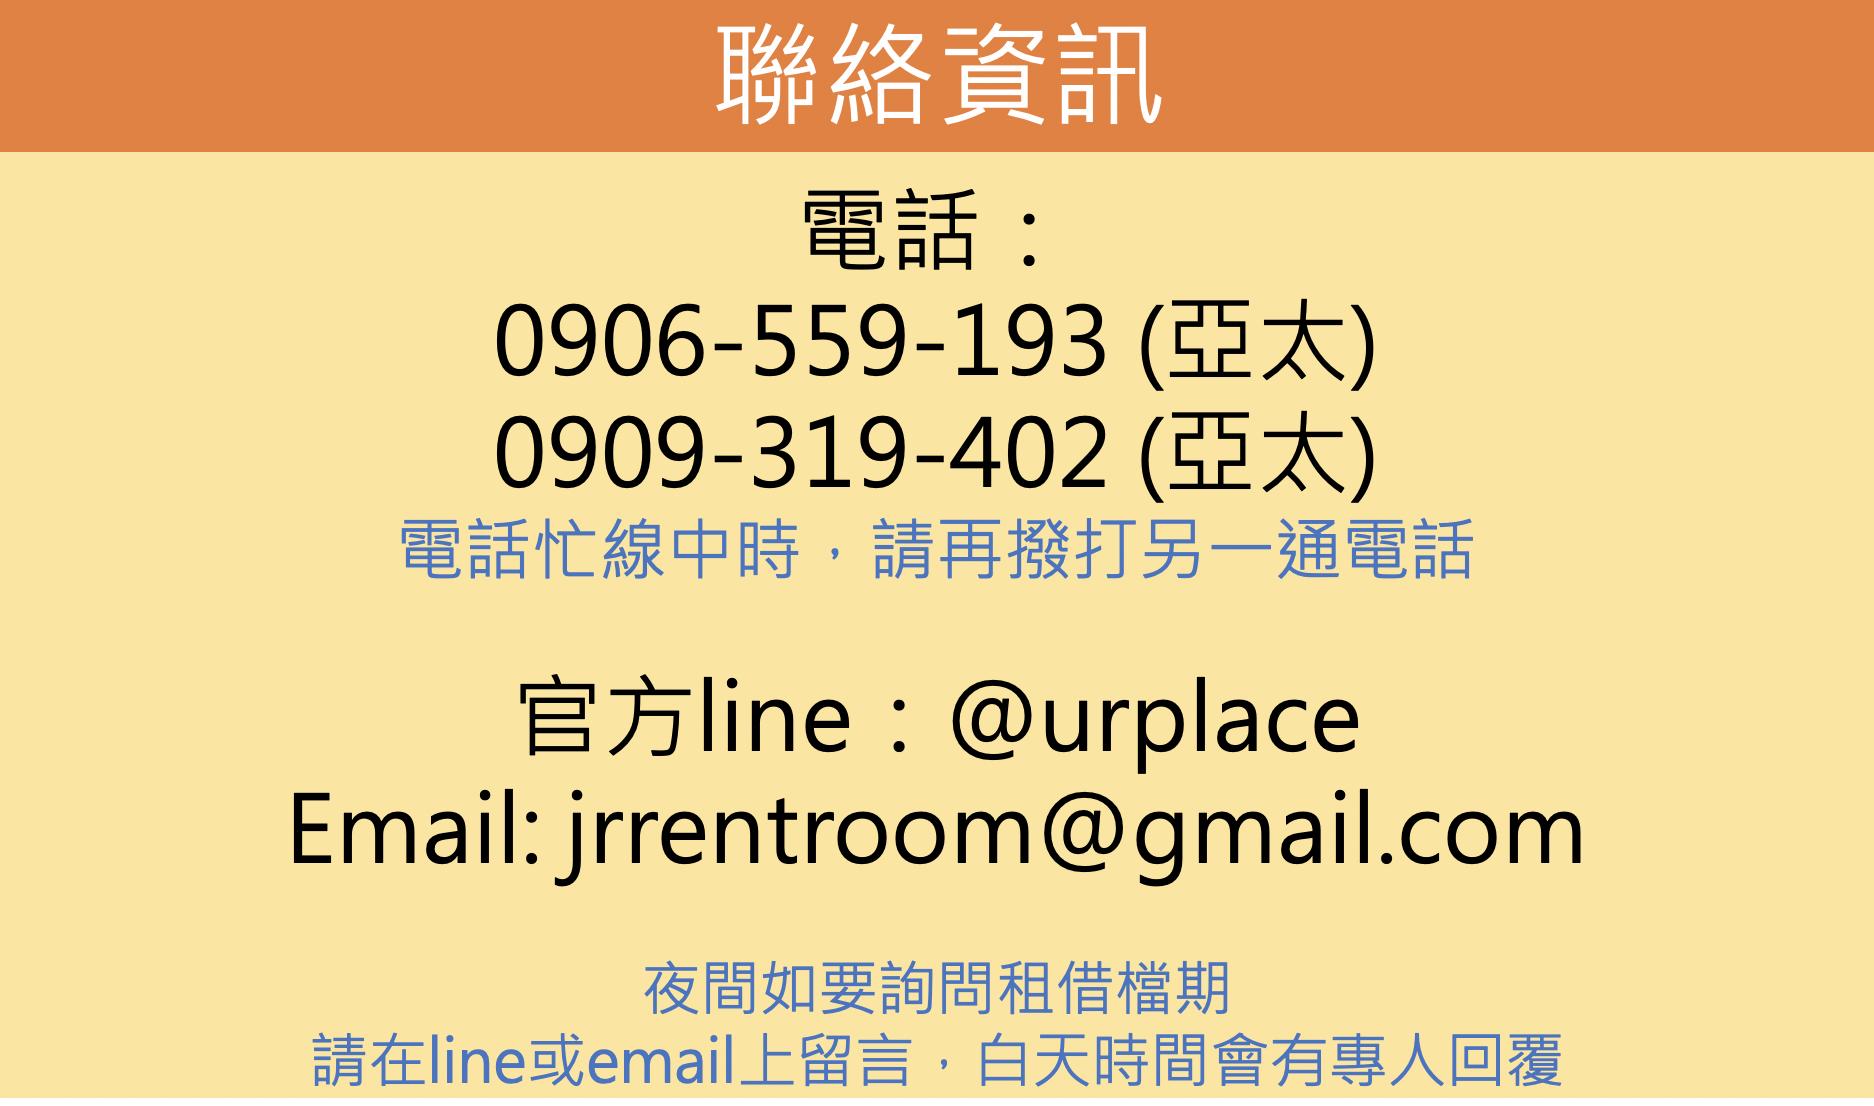 台中火車站85大樓教室租借/場地連絡訊息